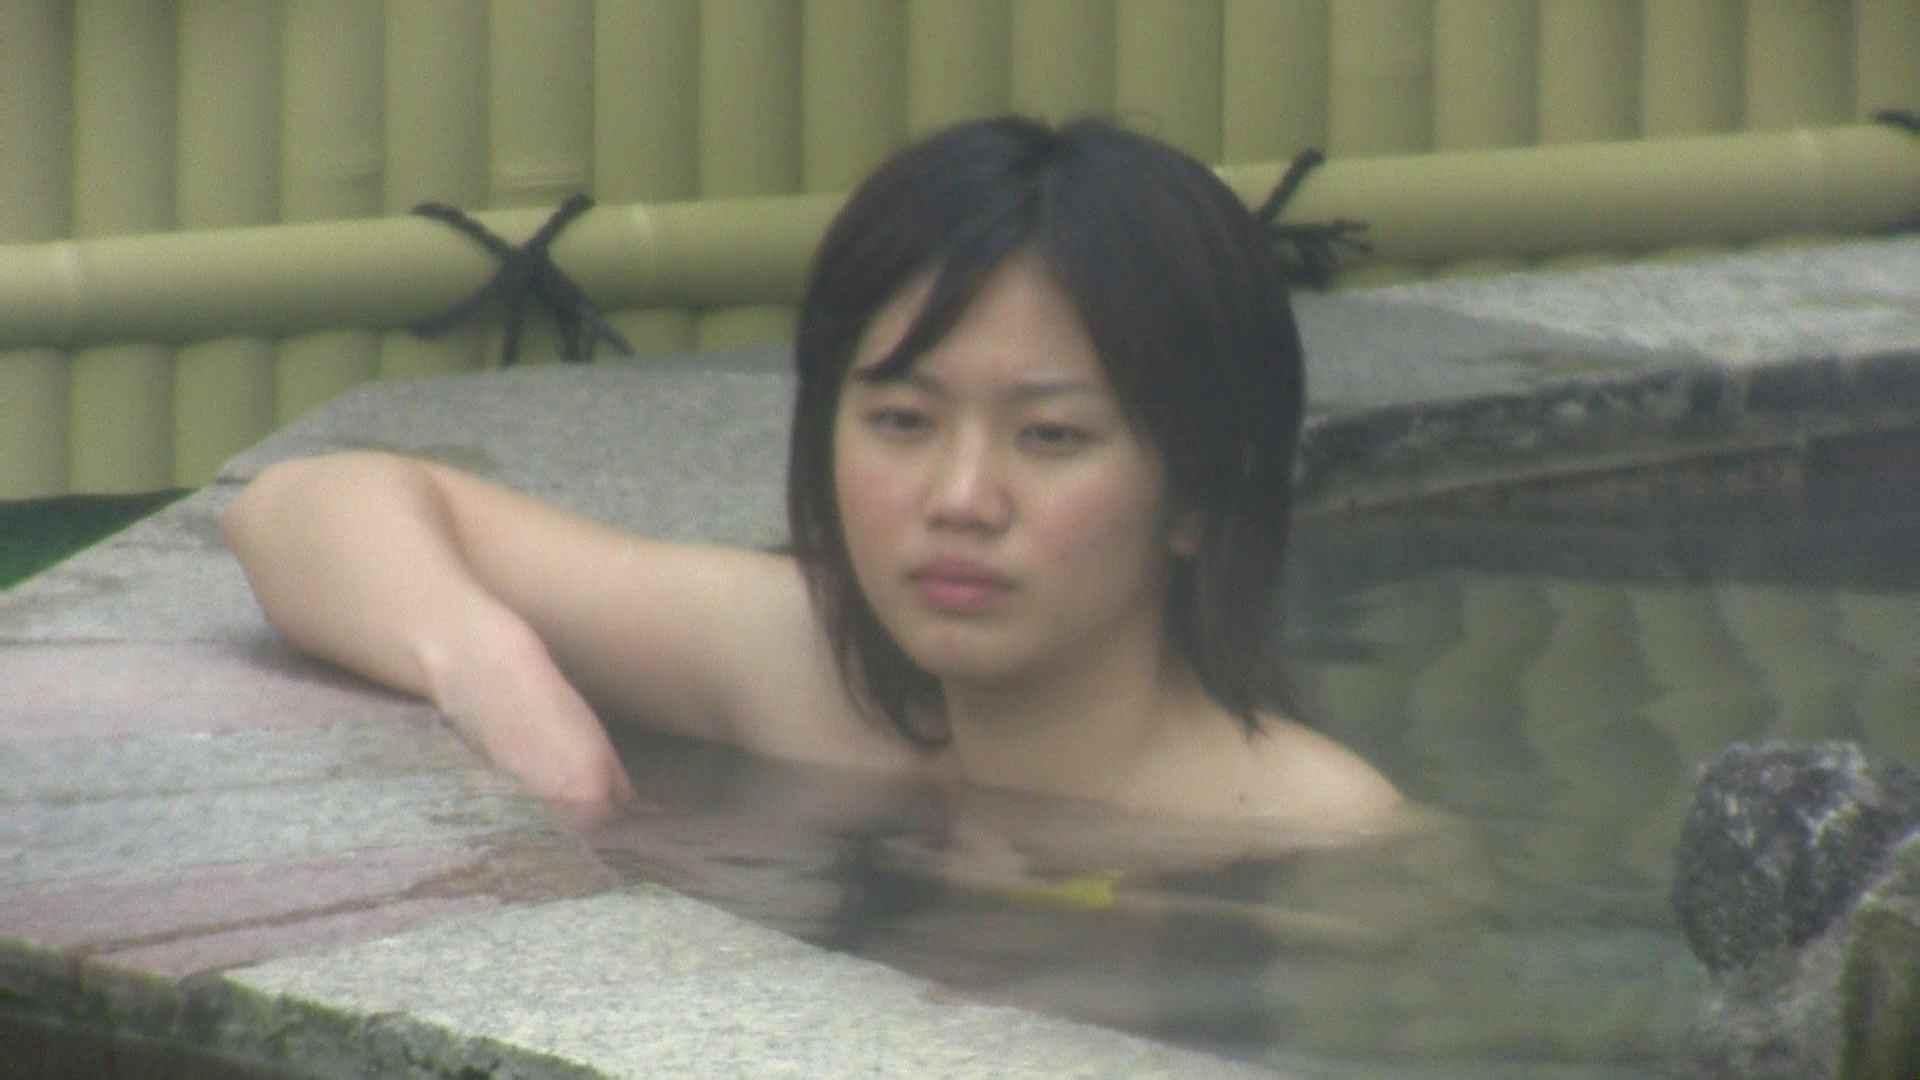 女露天風呂劇場 Vol.05 OLのボディ  71PIX 12